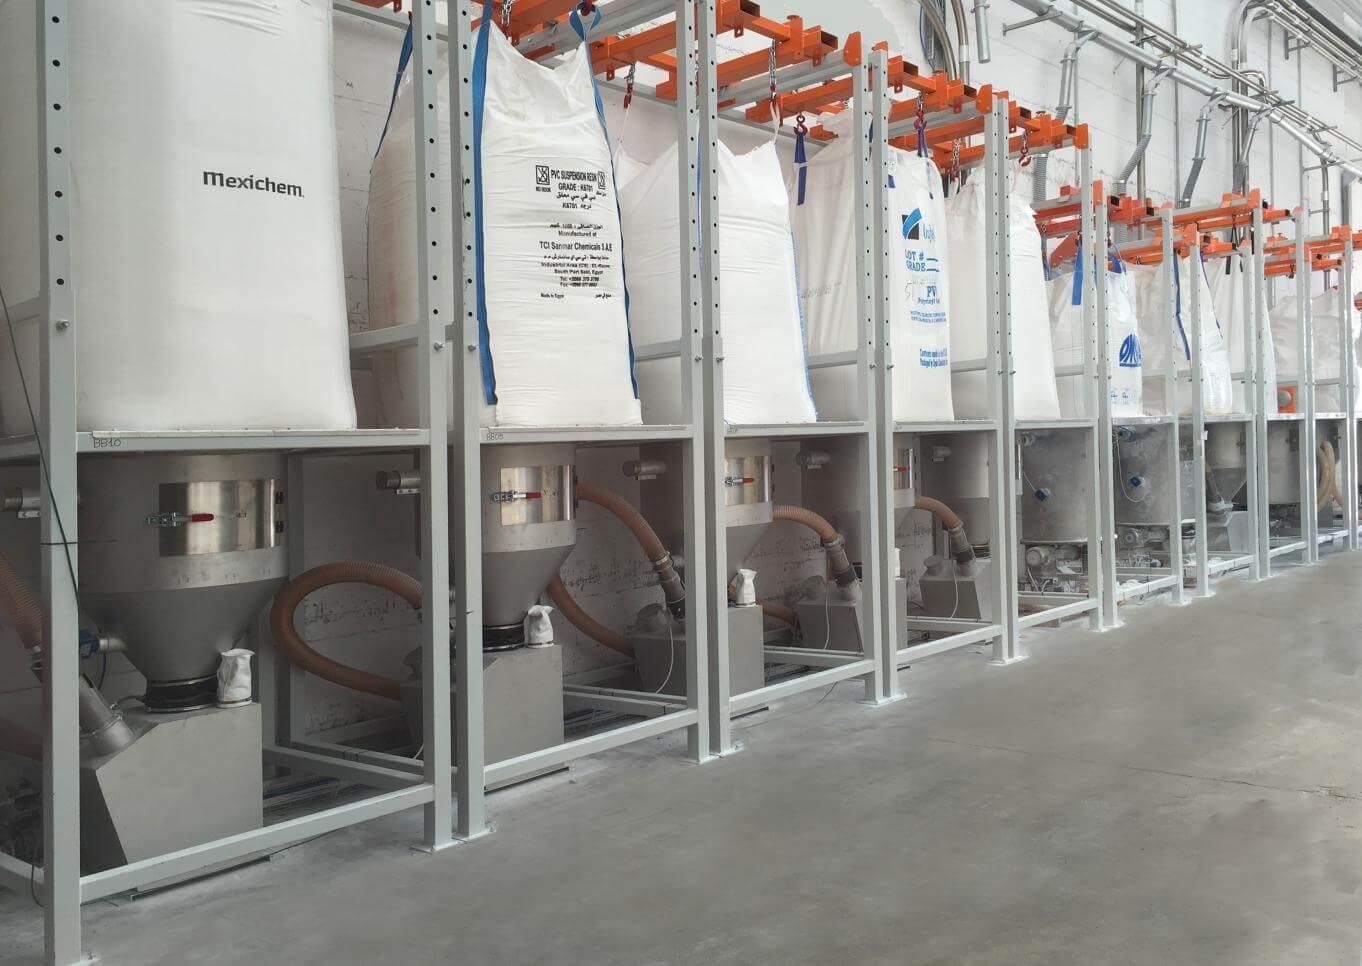 station de vidage big bag et transport de la matière plastique - bht b2bplast